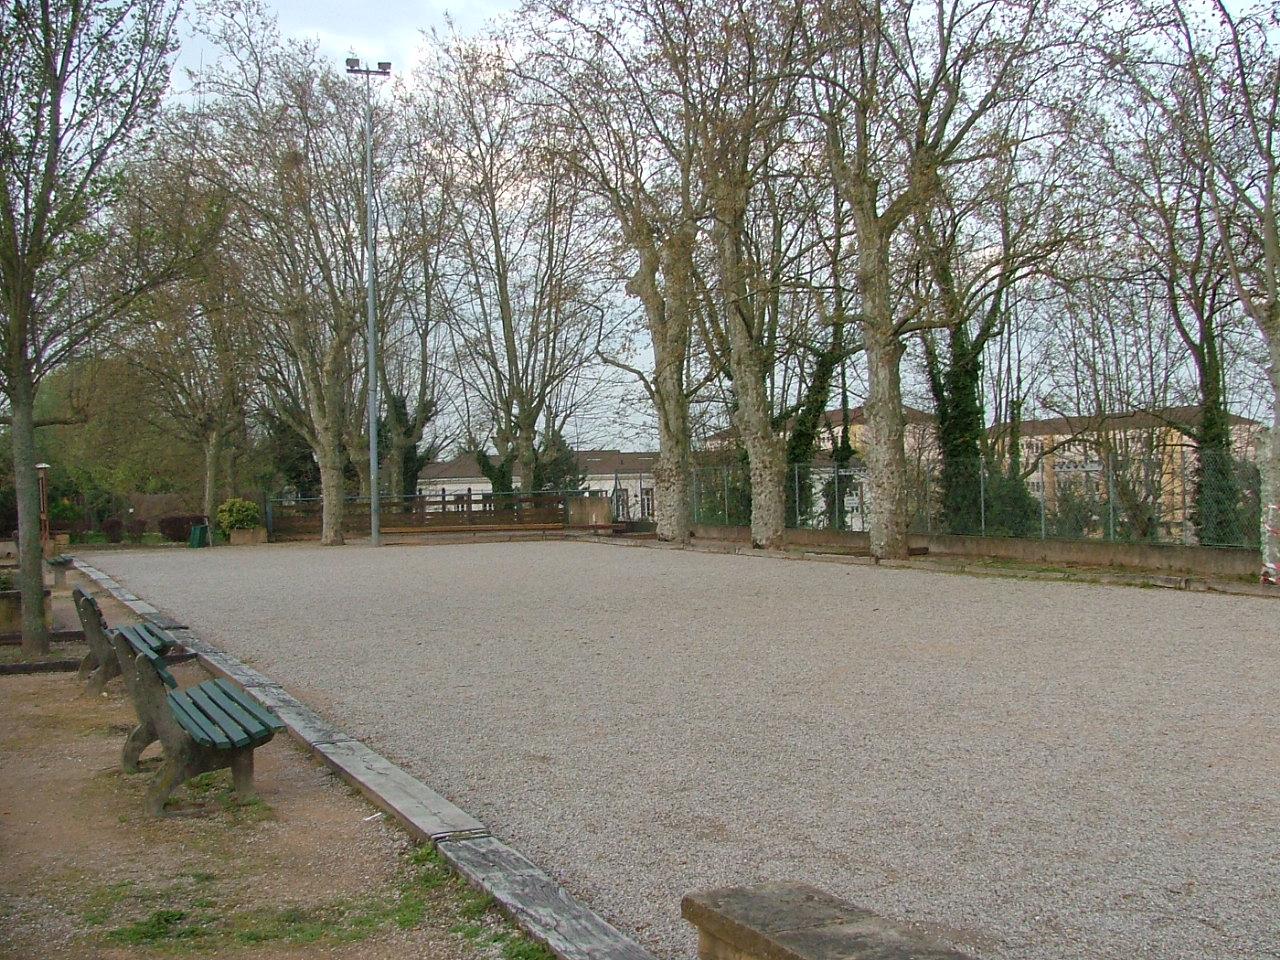 Sathonay-Camp France  City new picture : Fichier:Pétanque Sathonay Camp — Wikipédia